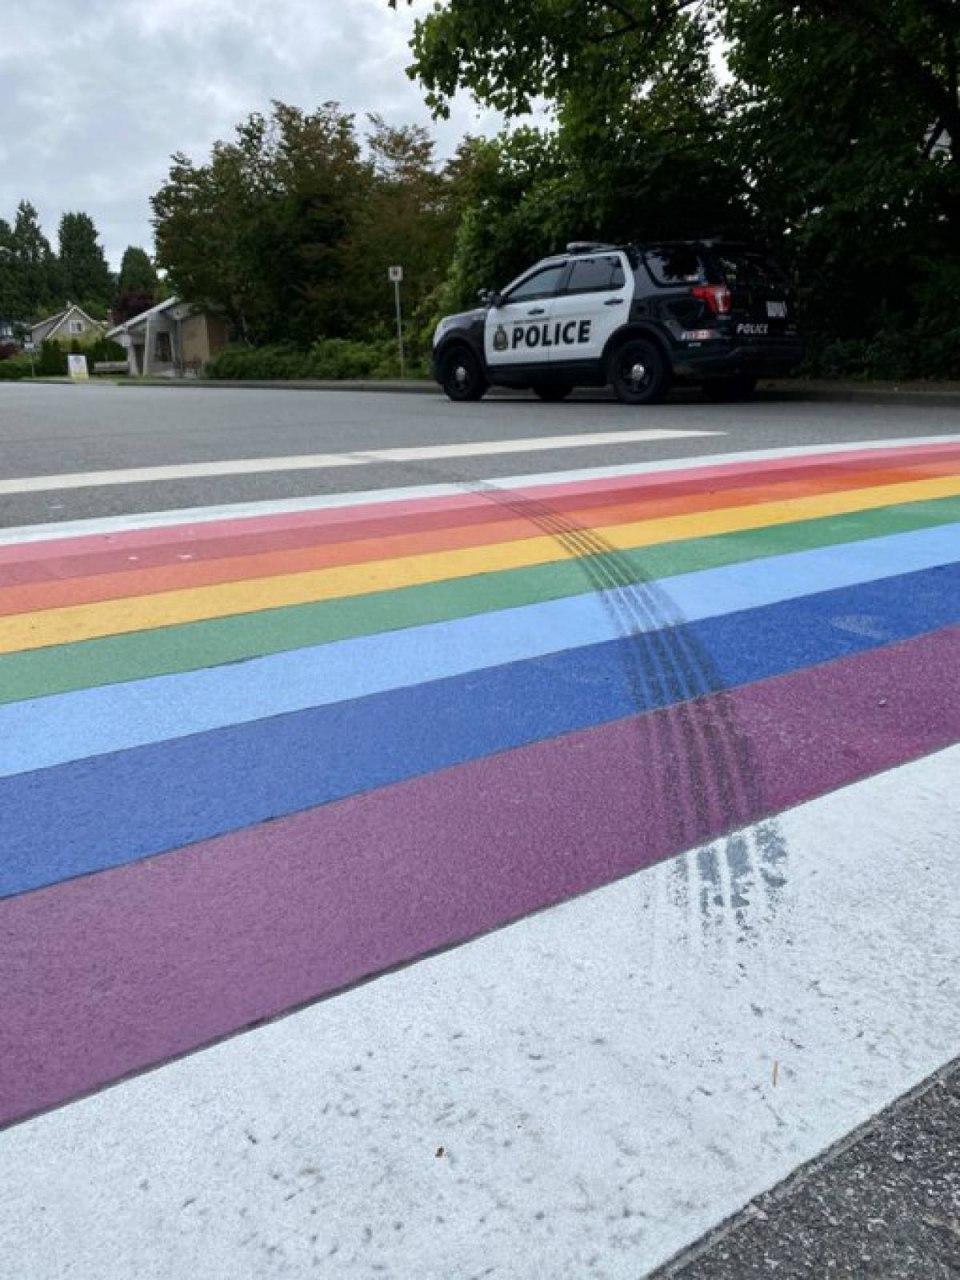 Полицейские обвинили водителя в том, что он намеренно оставил следы шин на разметке в виде флага ЛГБ (фото + видео)